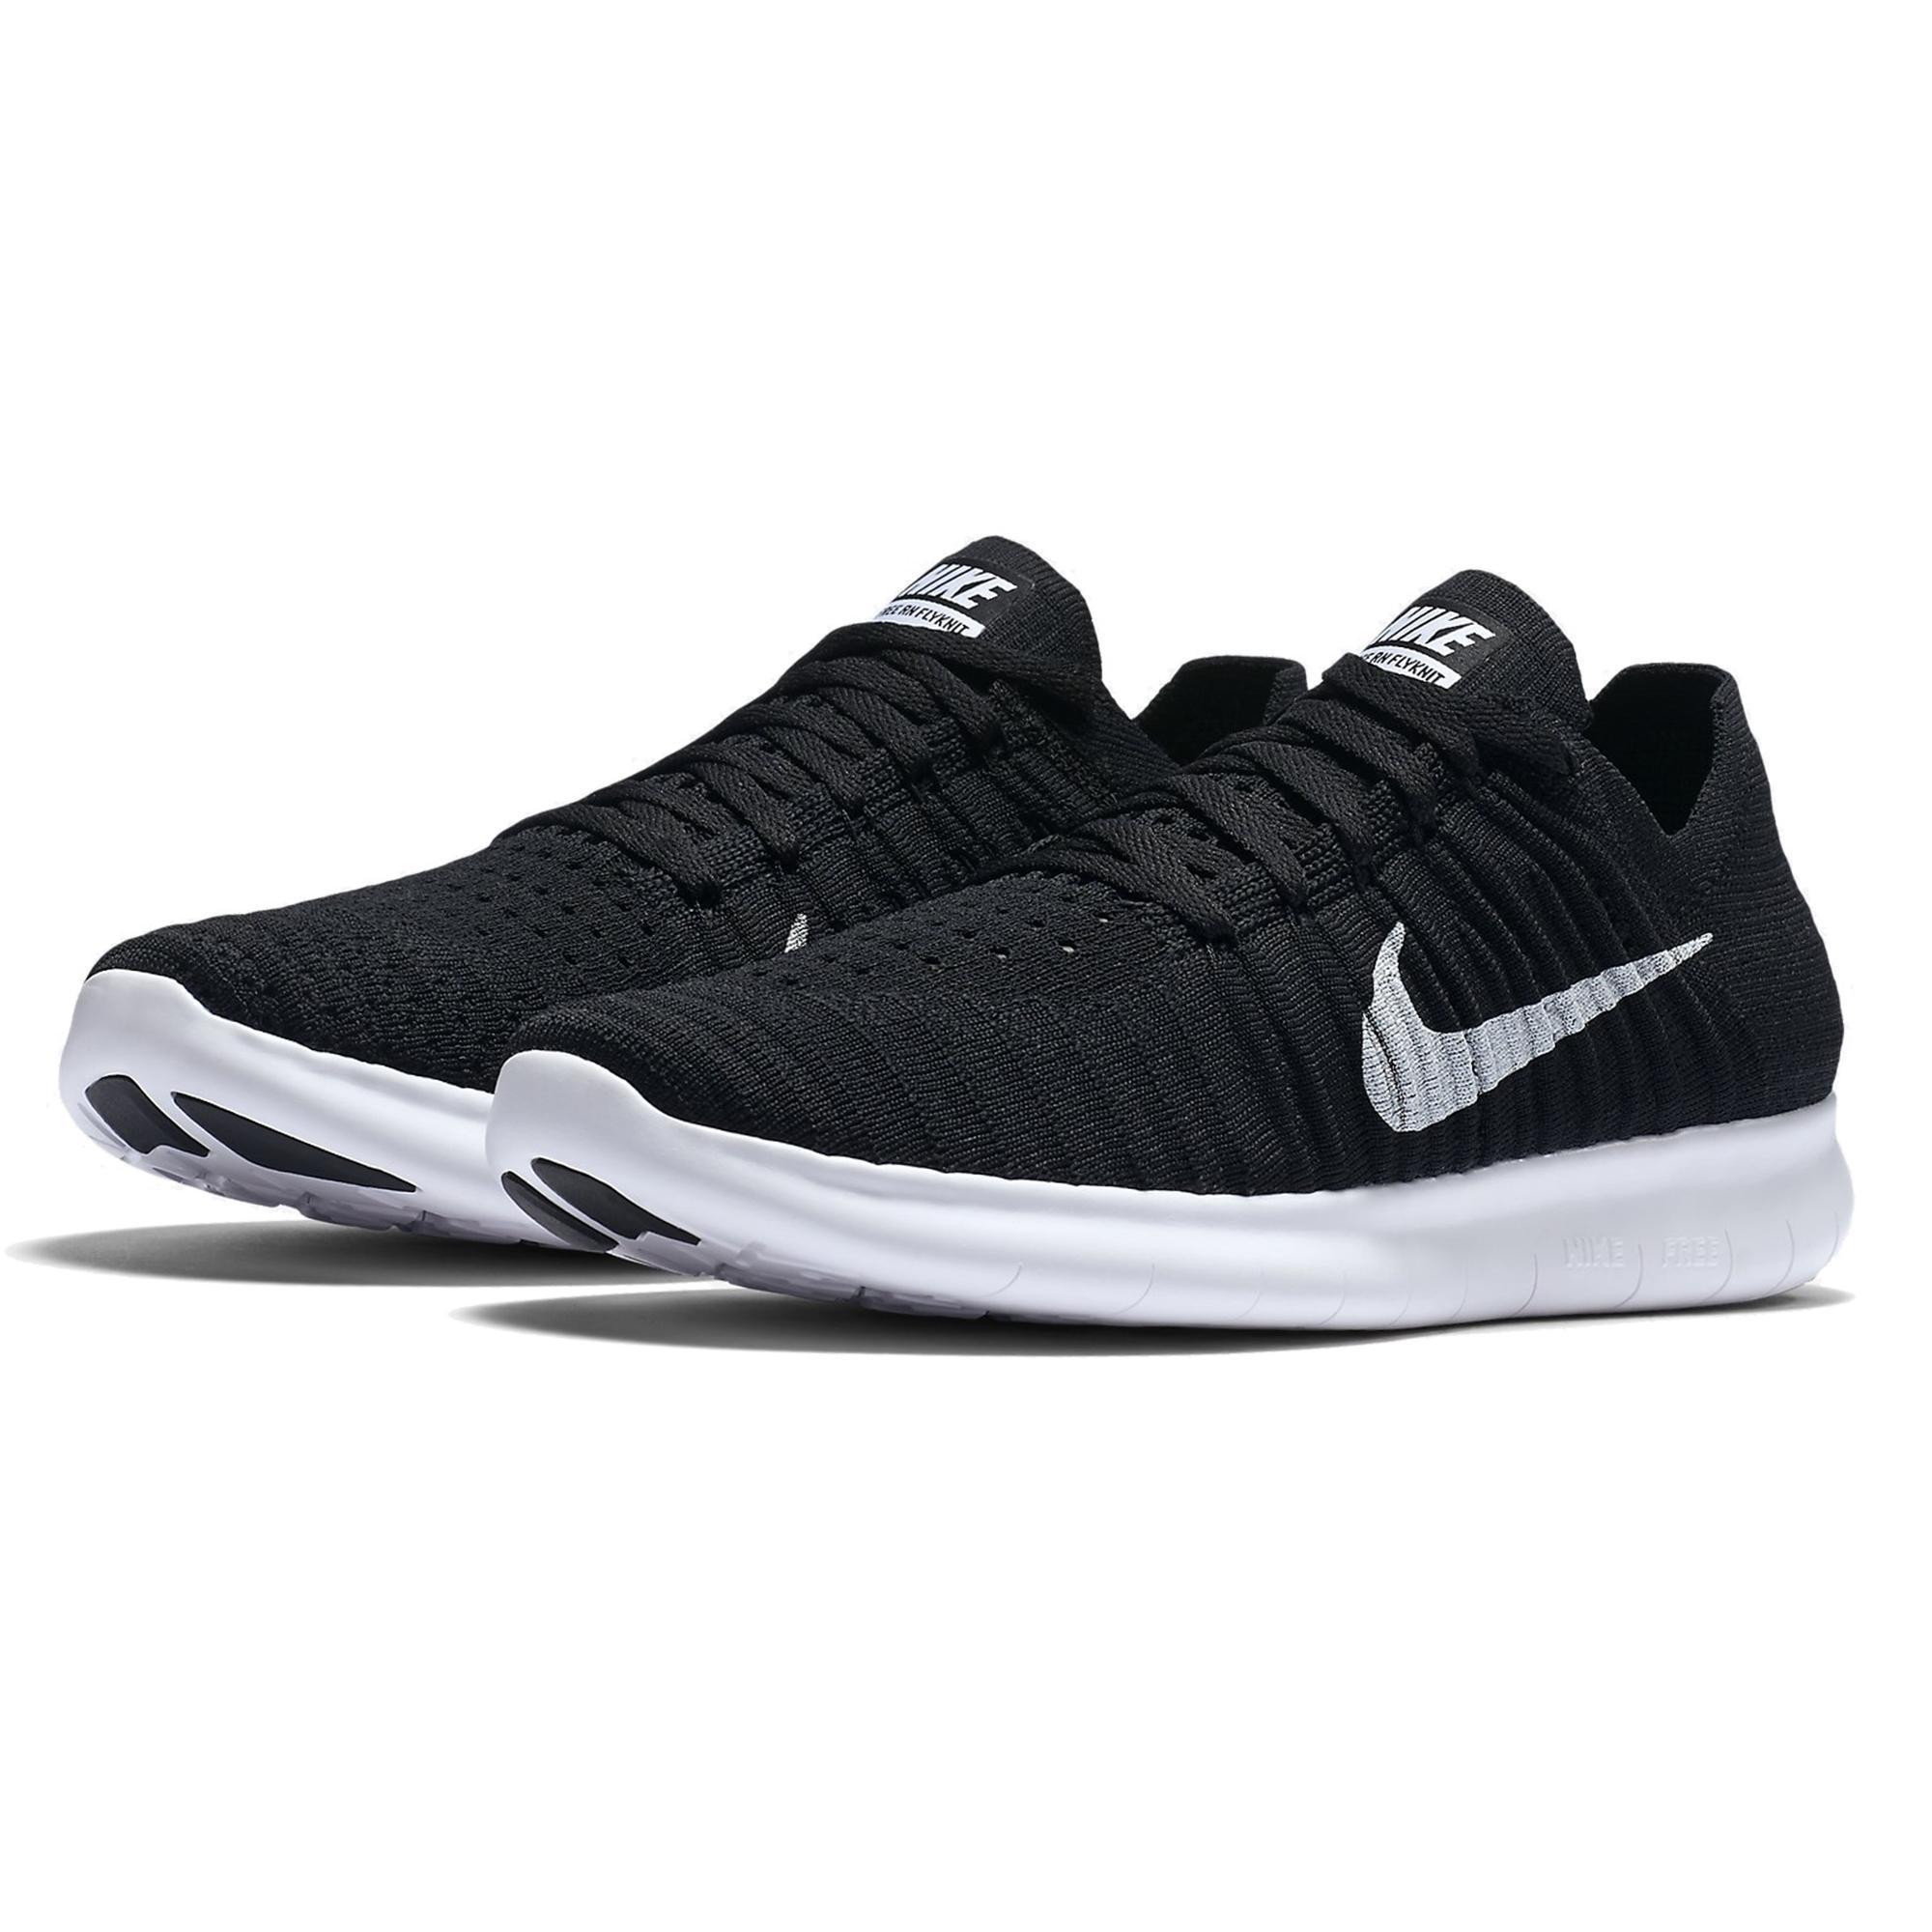 Wmns Nike Free Rn Flyknit Spor Ayakkabı